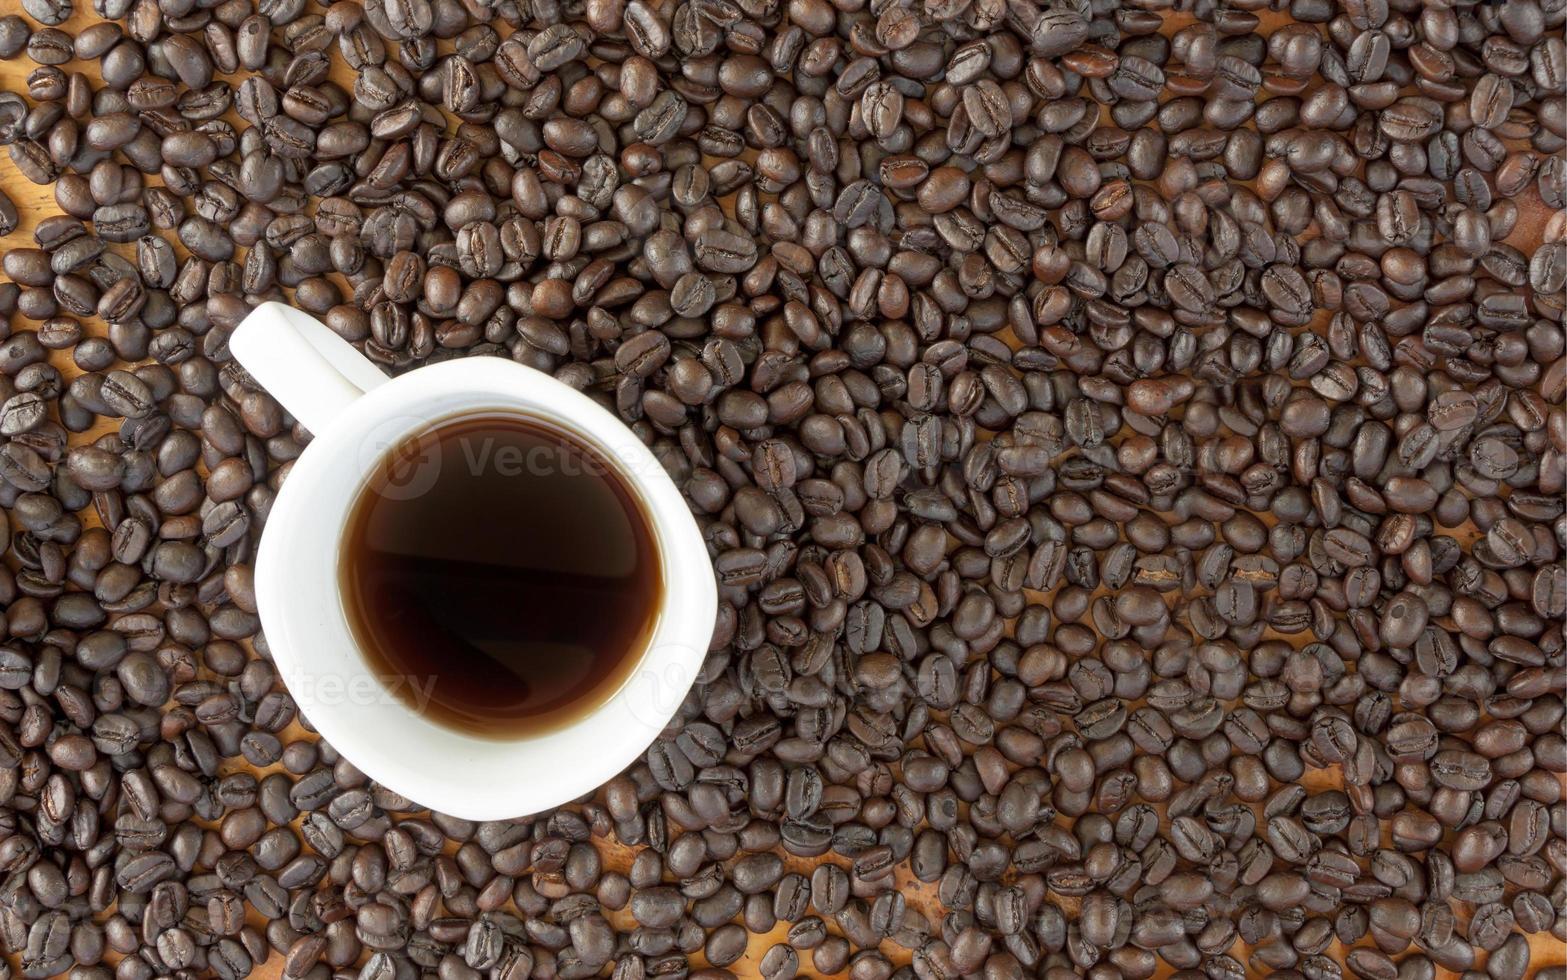 café grain et tasse photo